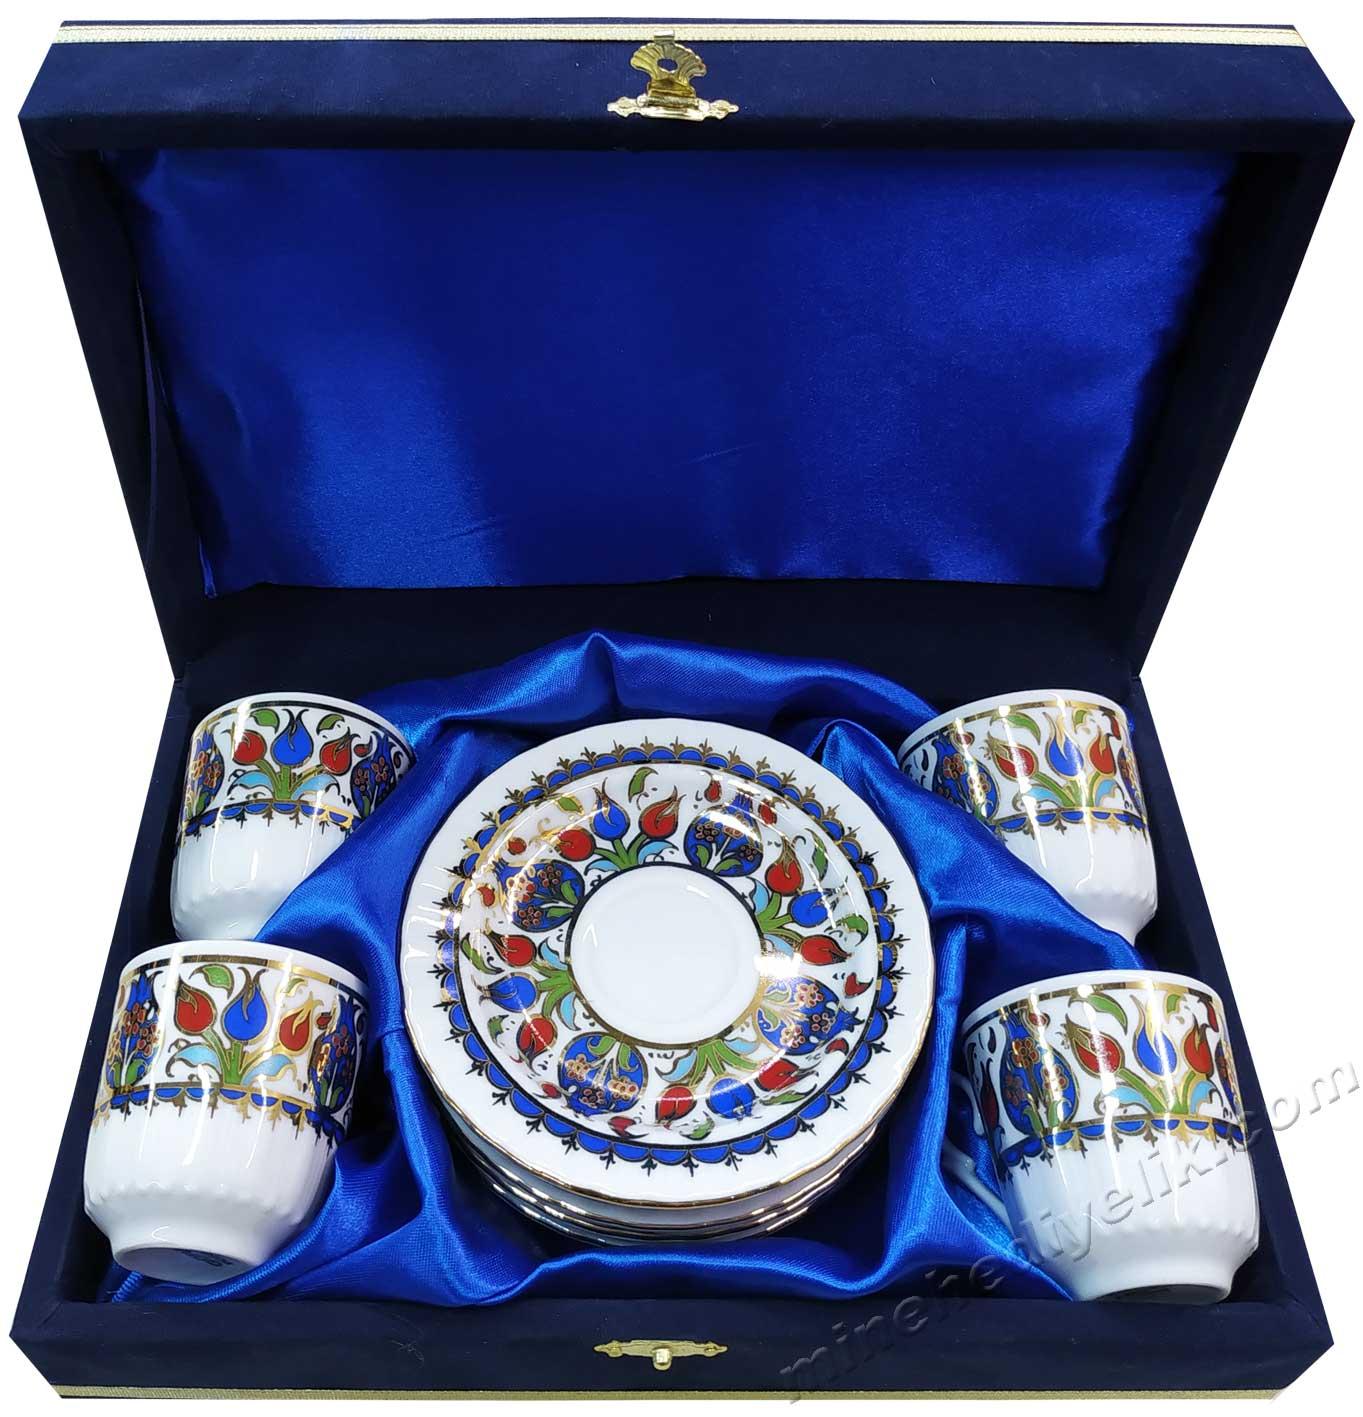 Dört Kişilik Kahve Setleri Yabancı Misafirler İçin Türkiye ye Özgü Hediyeler Kadife Kutuda çini sanatı motifli 4 lú fincan setleri